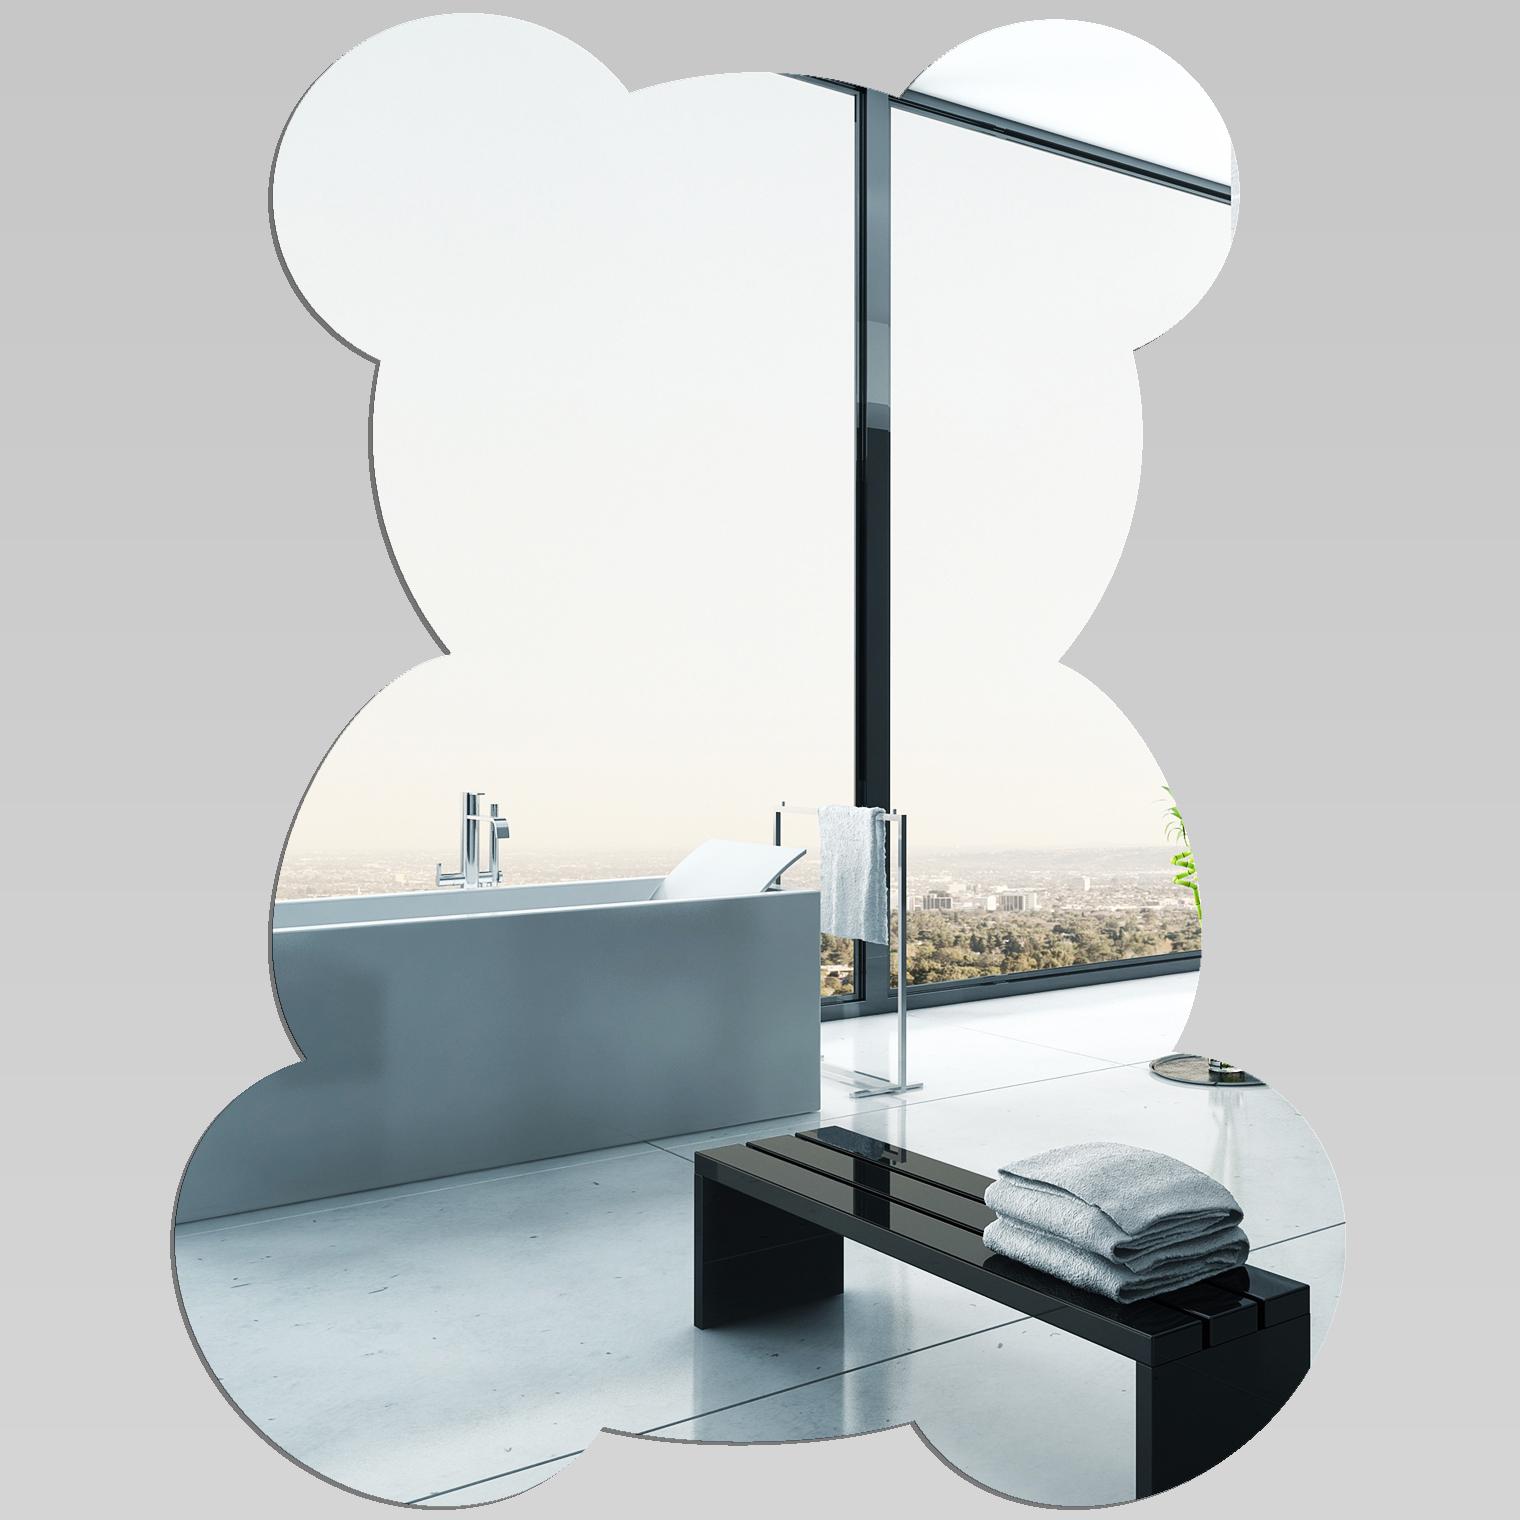 miroir plexiglass acrylique b b ourson pas cher. Black Bedroom Furniture Sets. Home Design Ideas